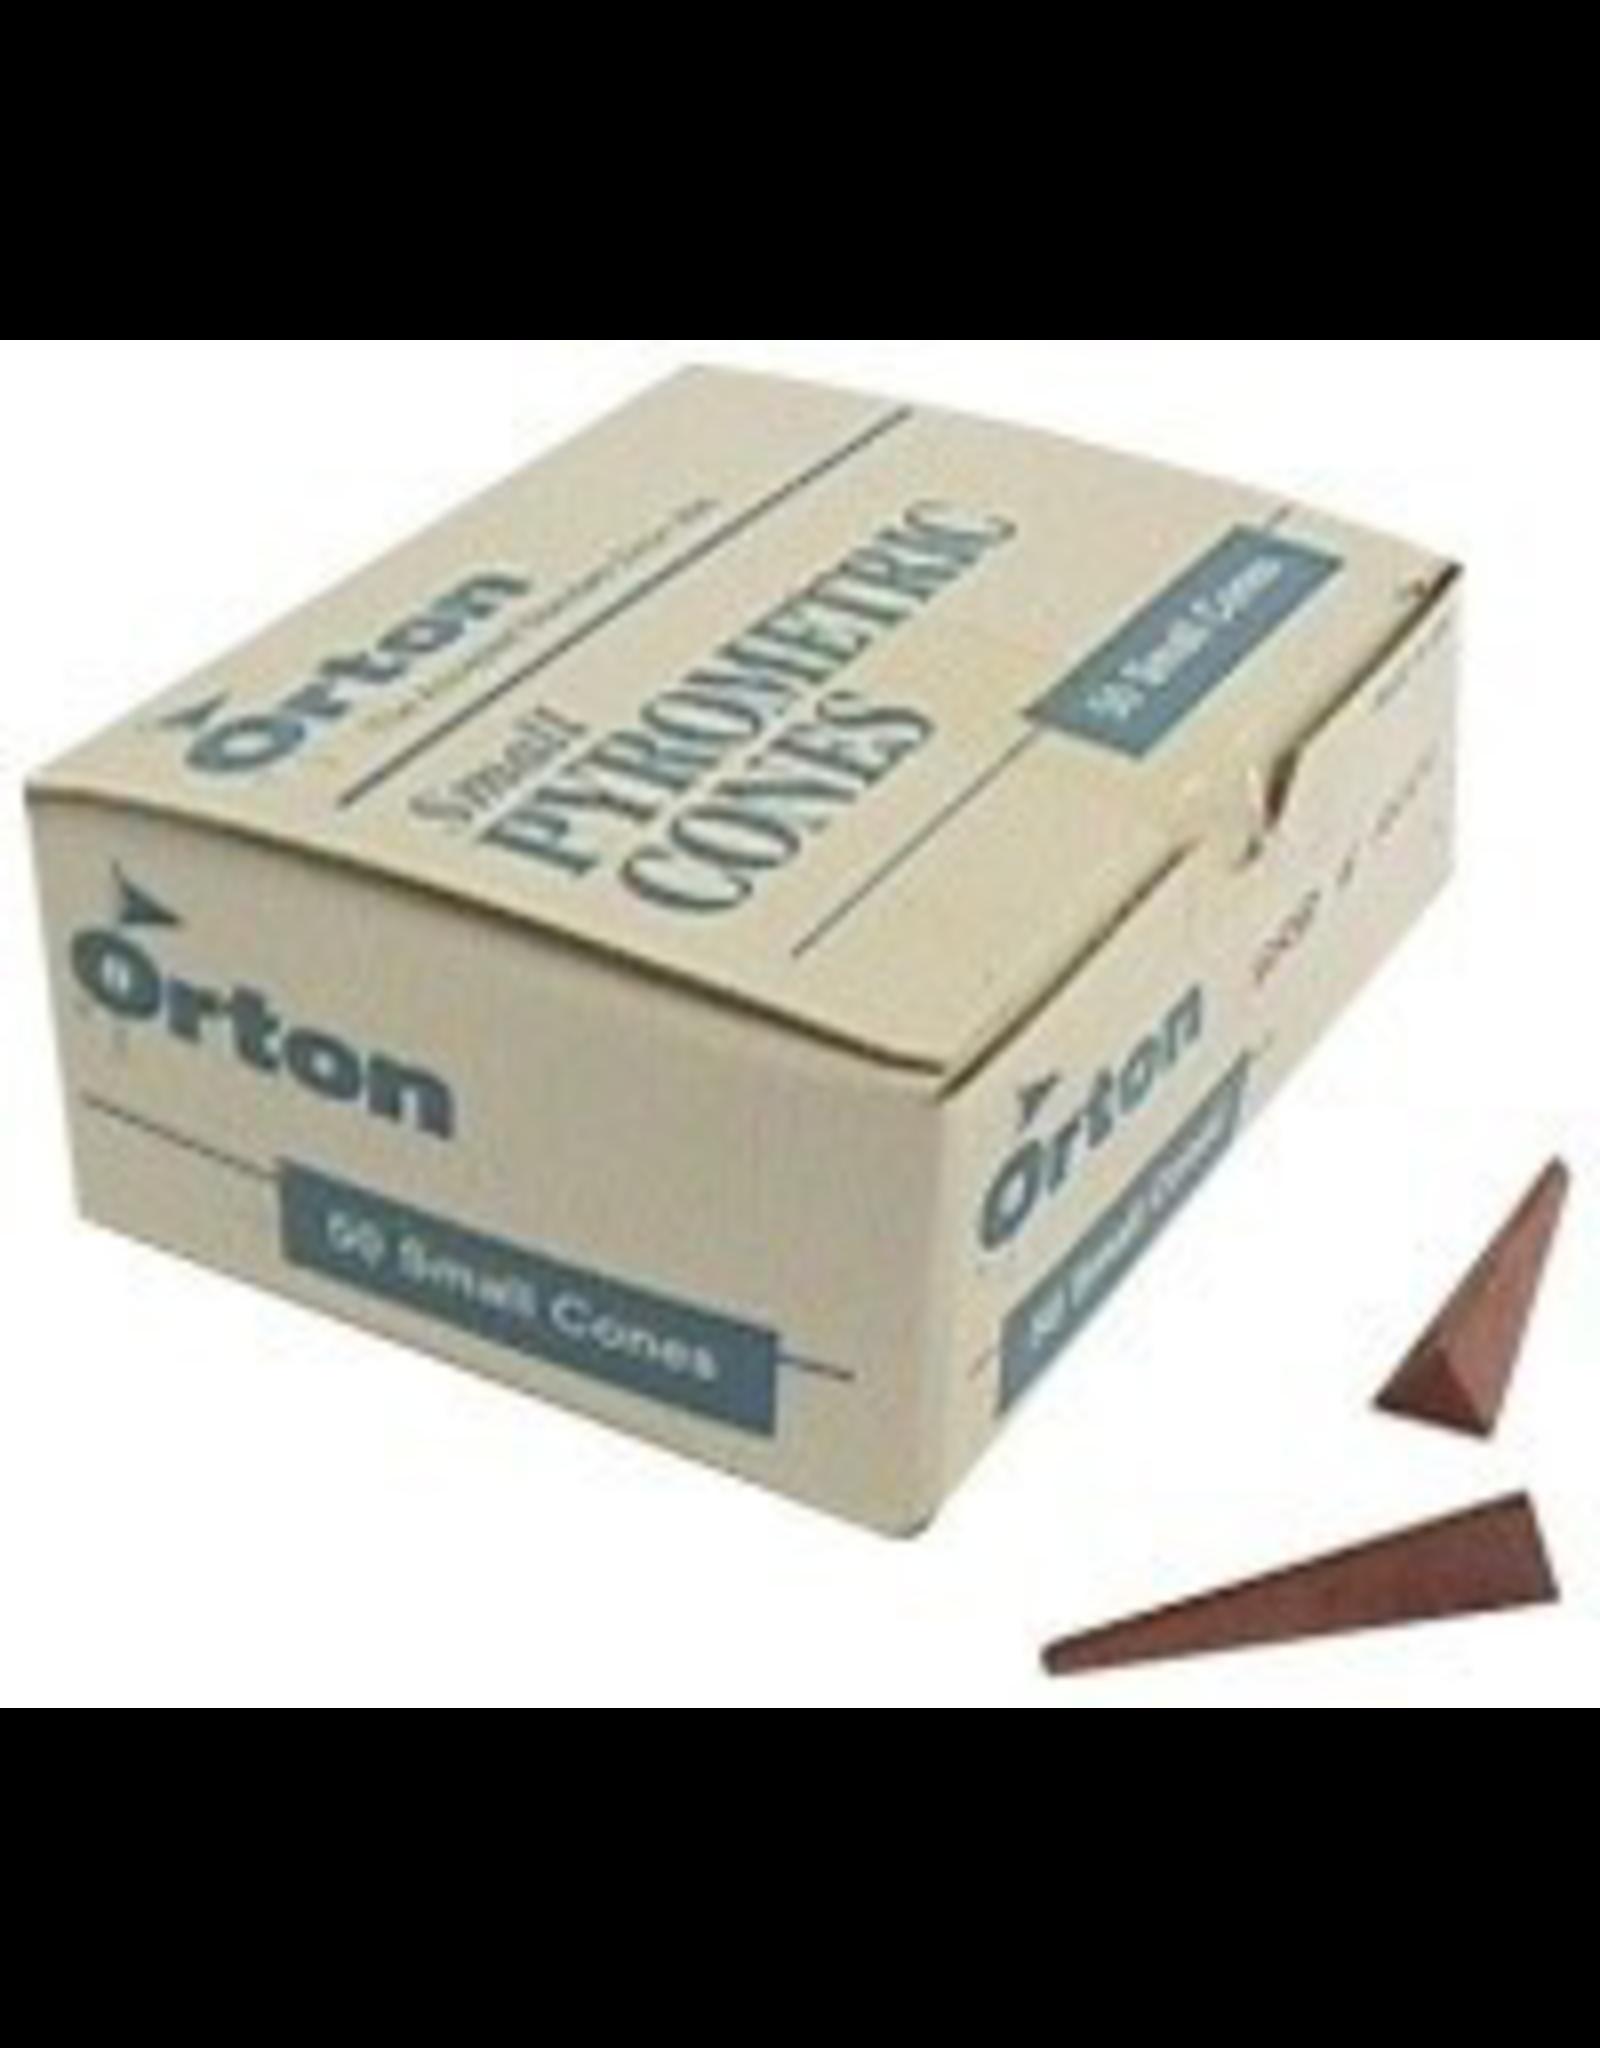 Orton Orton Midget Cone 06 10's